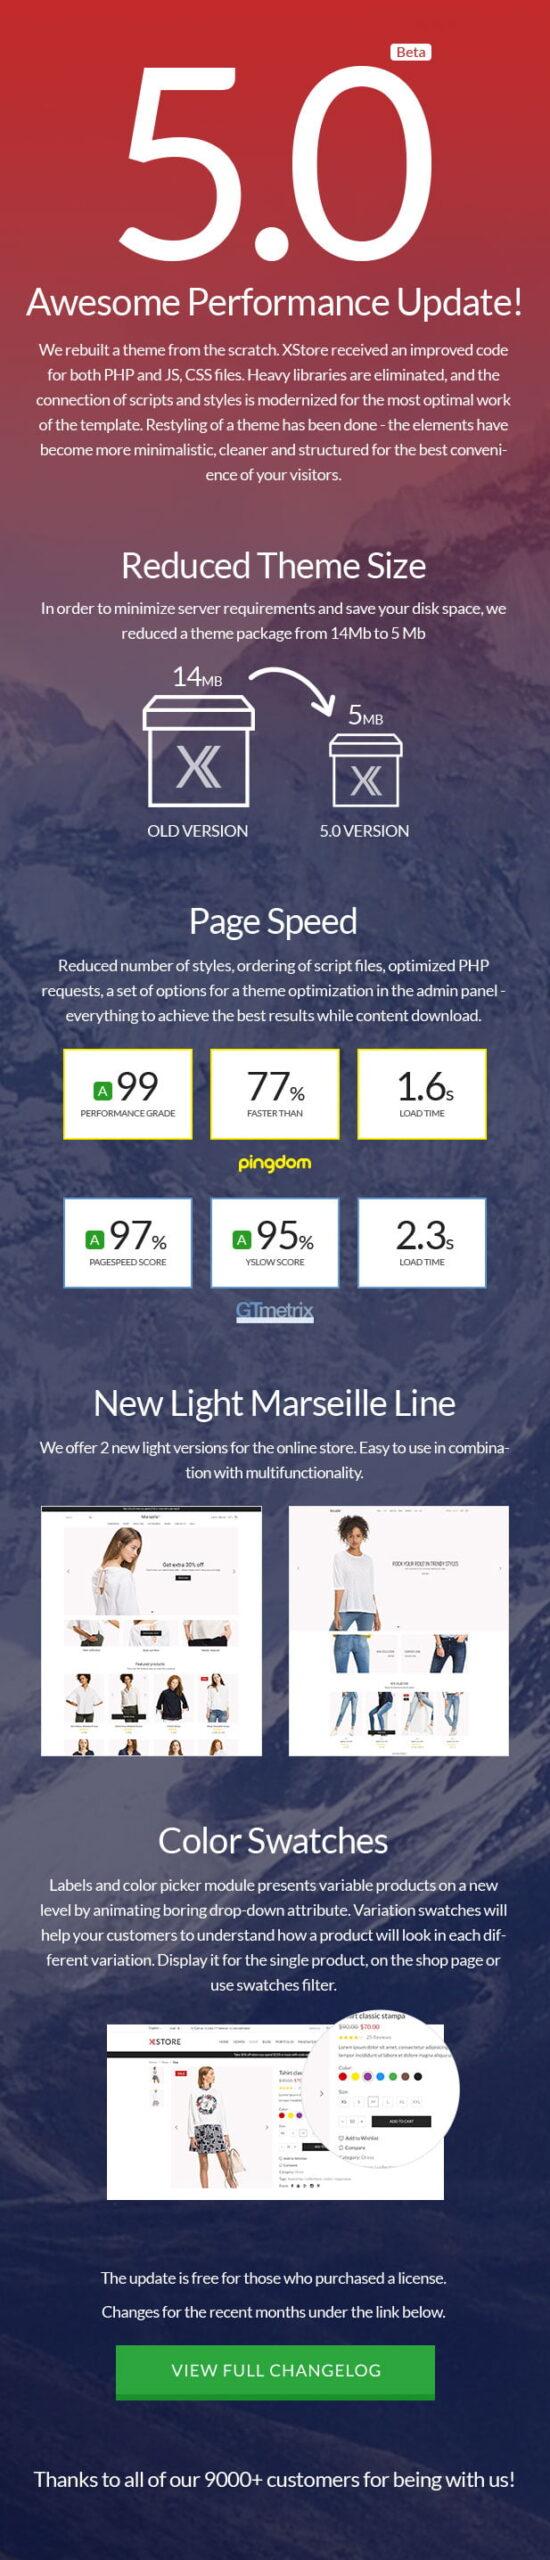 XStore-2 - XStore Responsive WooCommerce WordPress Theme [year]